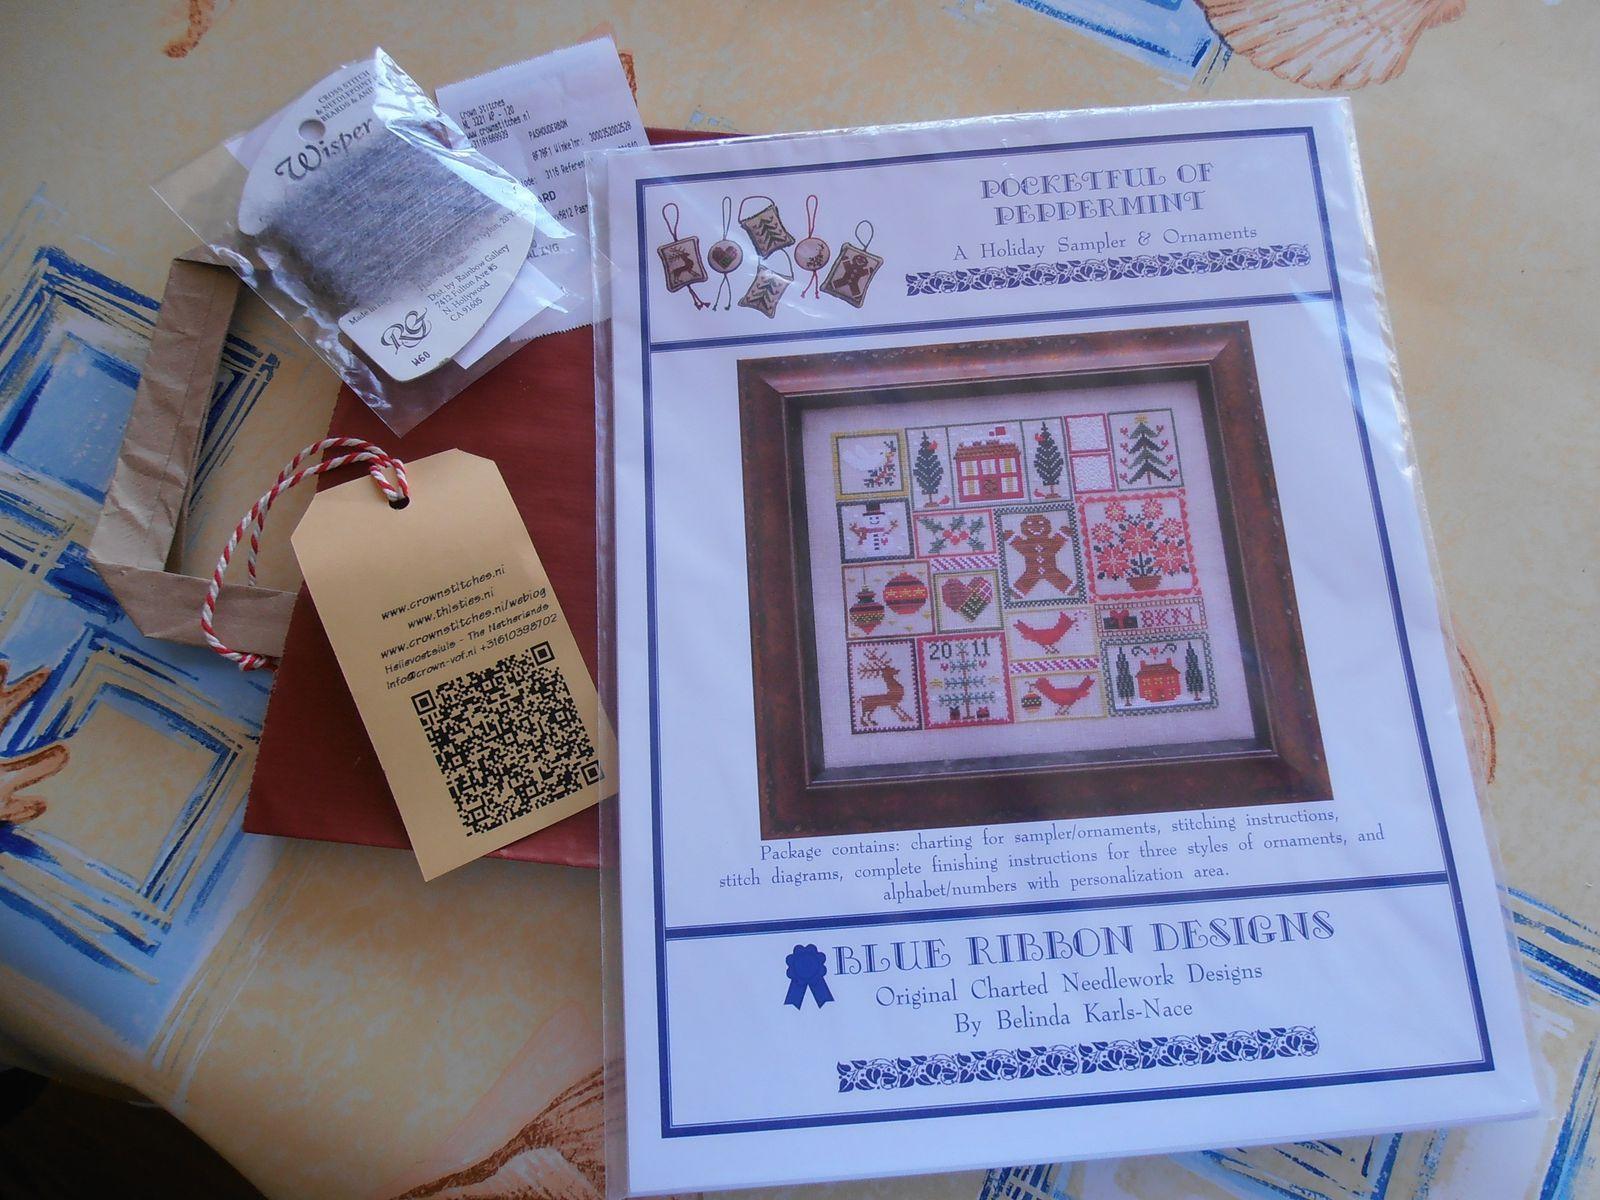 Une fiche Blue Ribbon Designs chez Crownstitches. En cadeau une échevette Wisper gris de chez RG. Là aussi, échange sympathique !!!